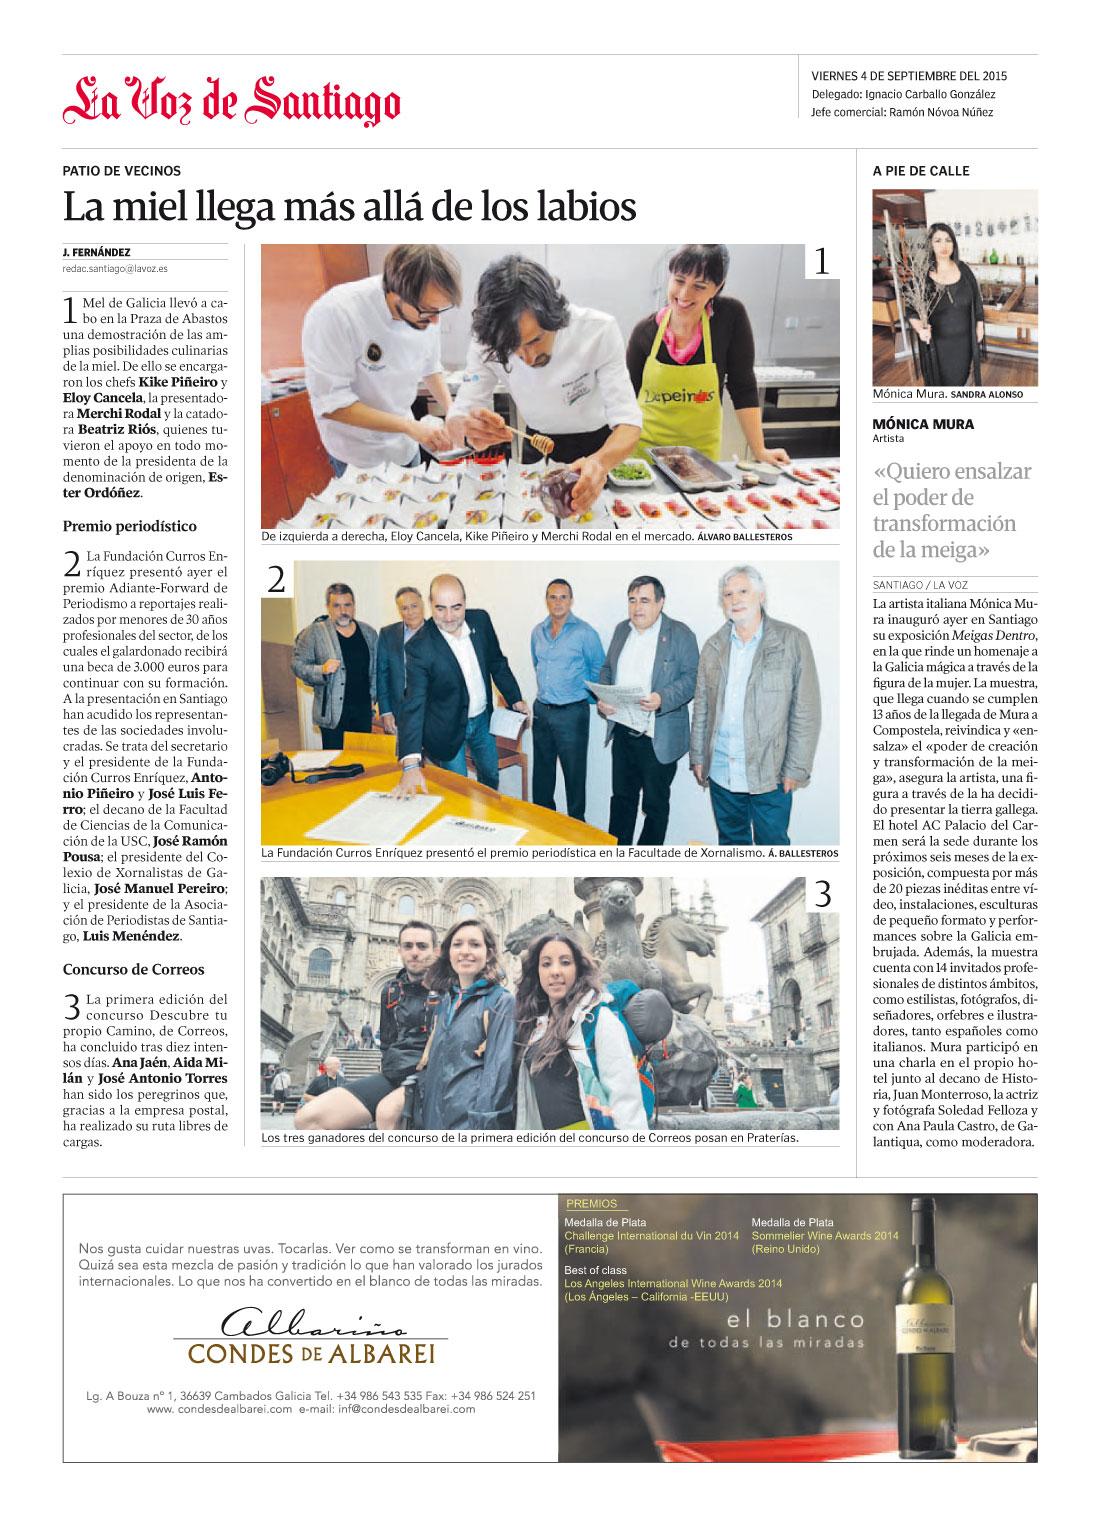 LaVozDeGalicia_MonicaMura-QuieroEnsalzarElPoderTransformadorDeLaMeiga_4Sept2015-papel